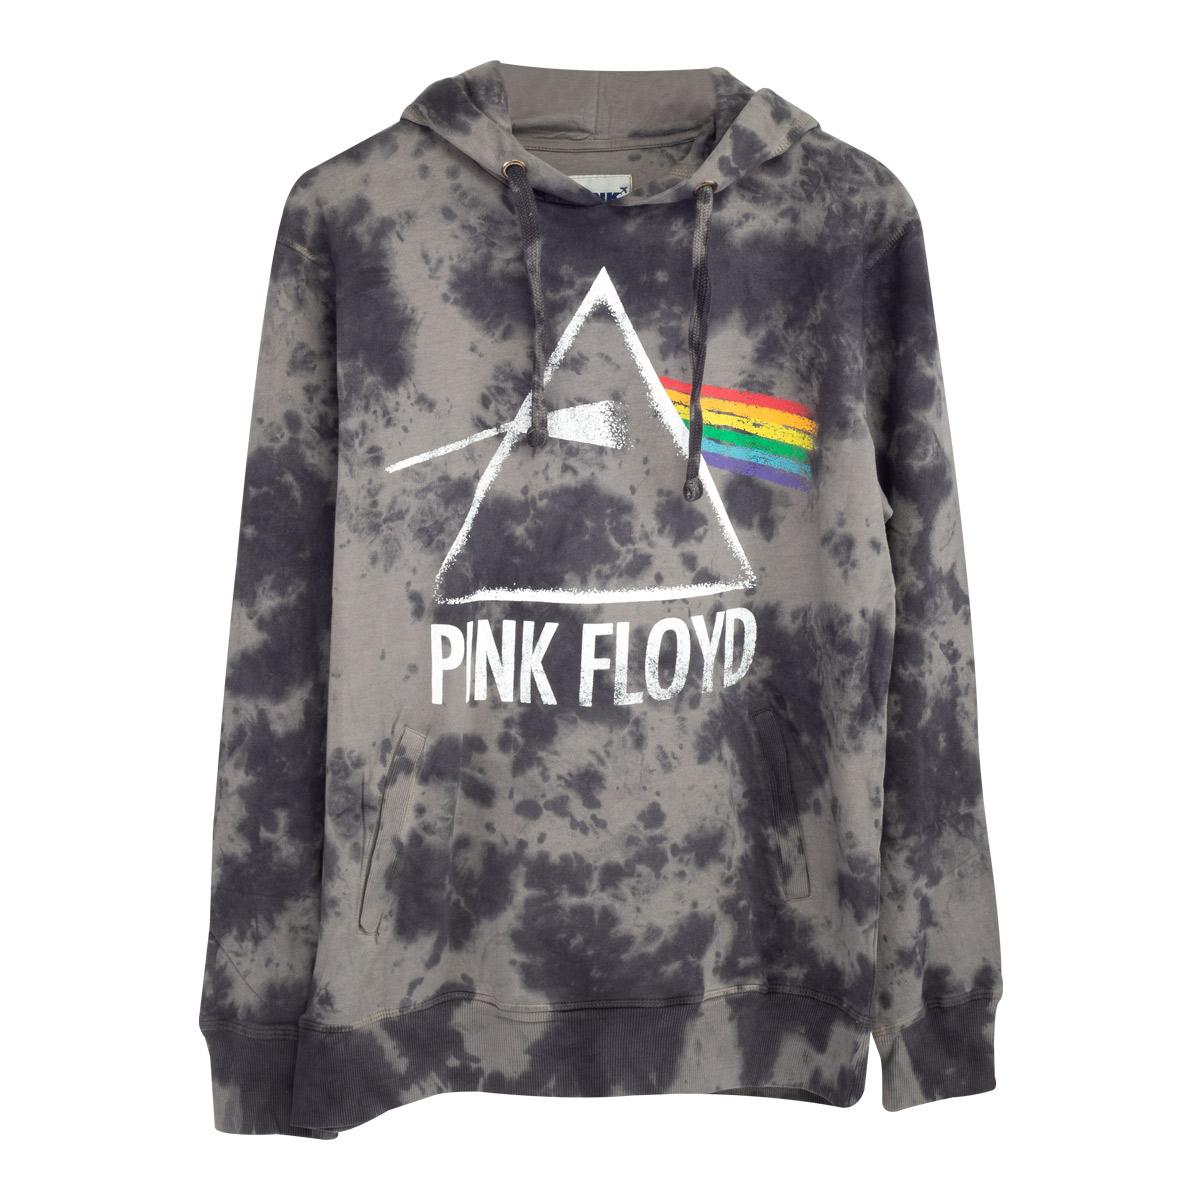 Pink Floyd The Dark Side of the Moon Prism Logo Black Pullover Hoodie